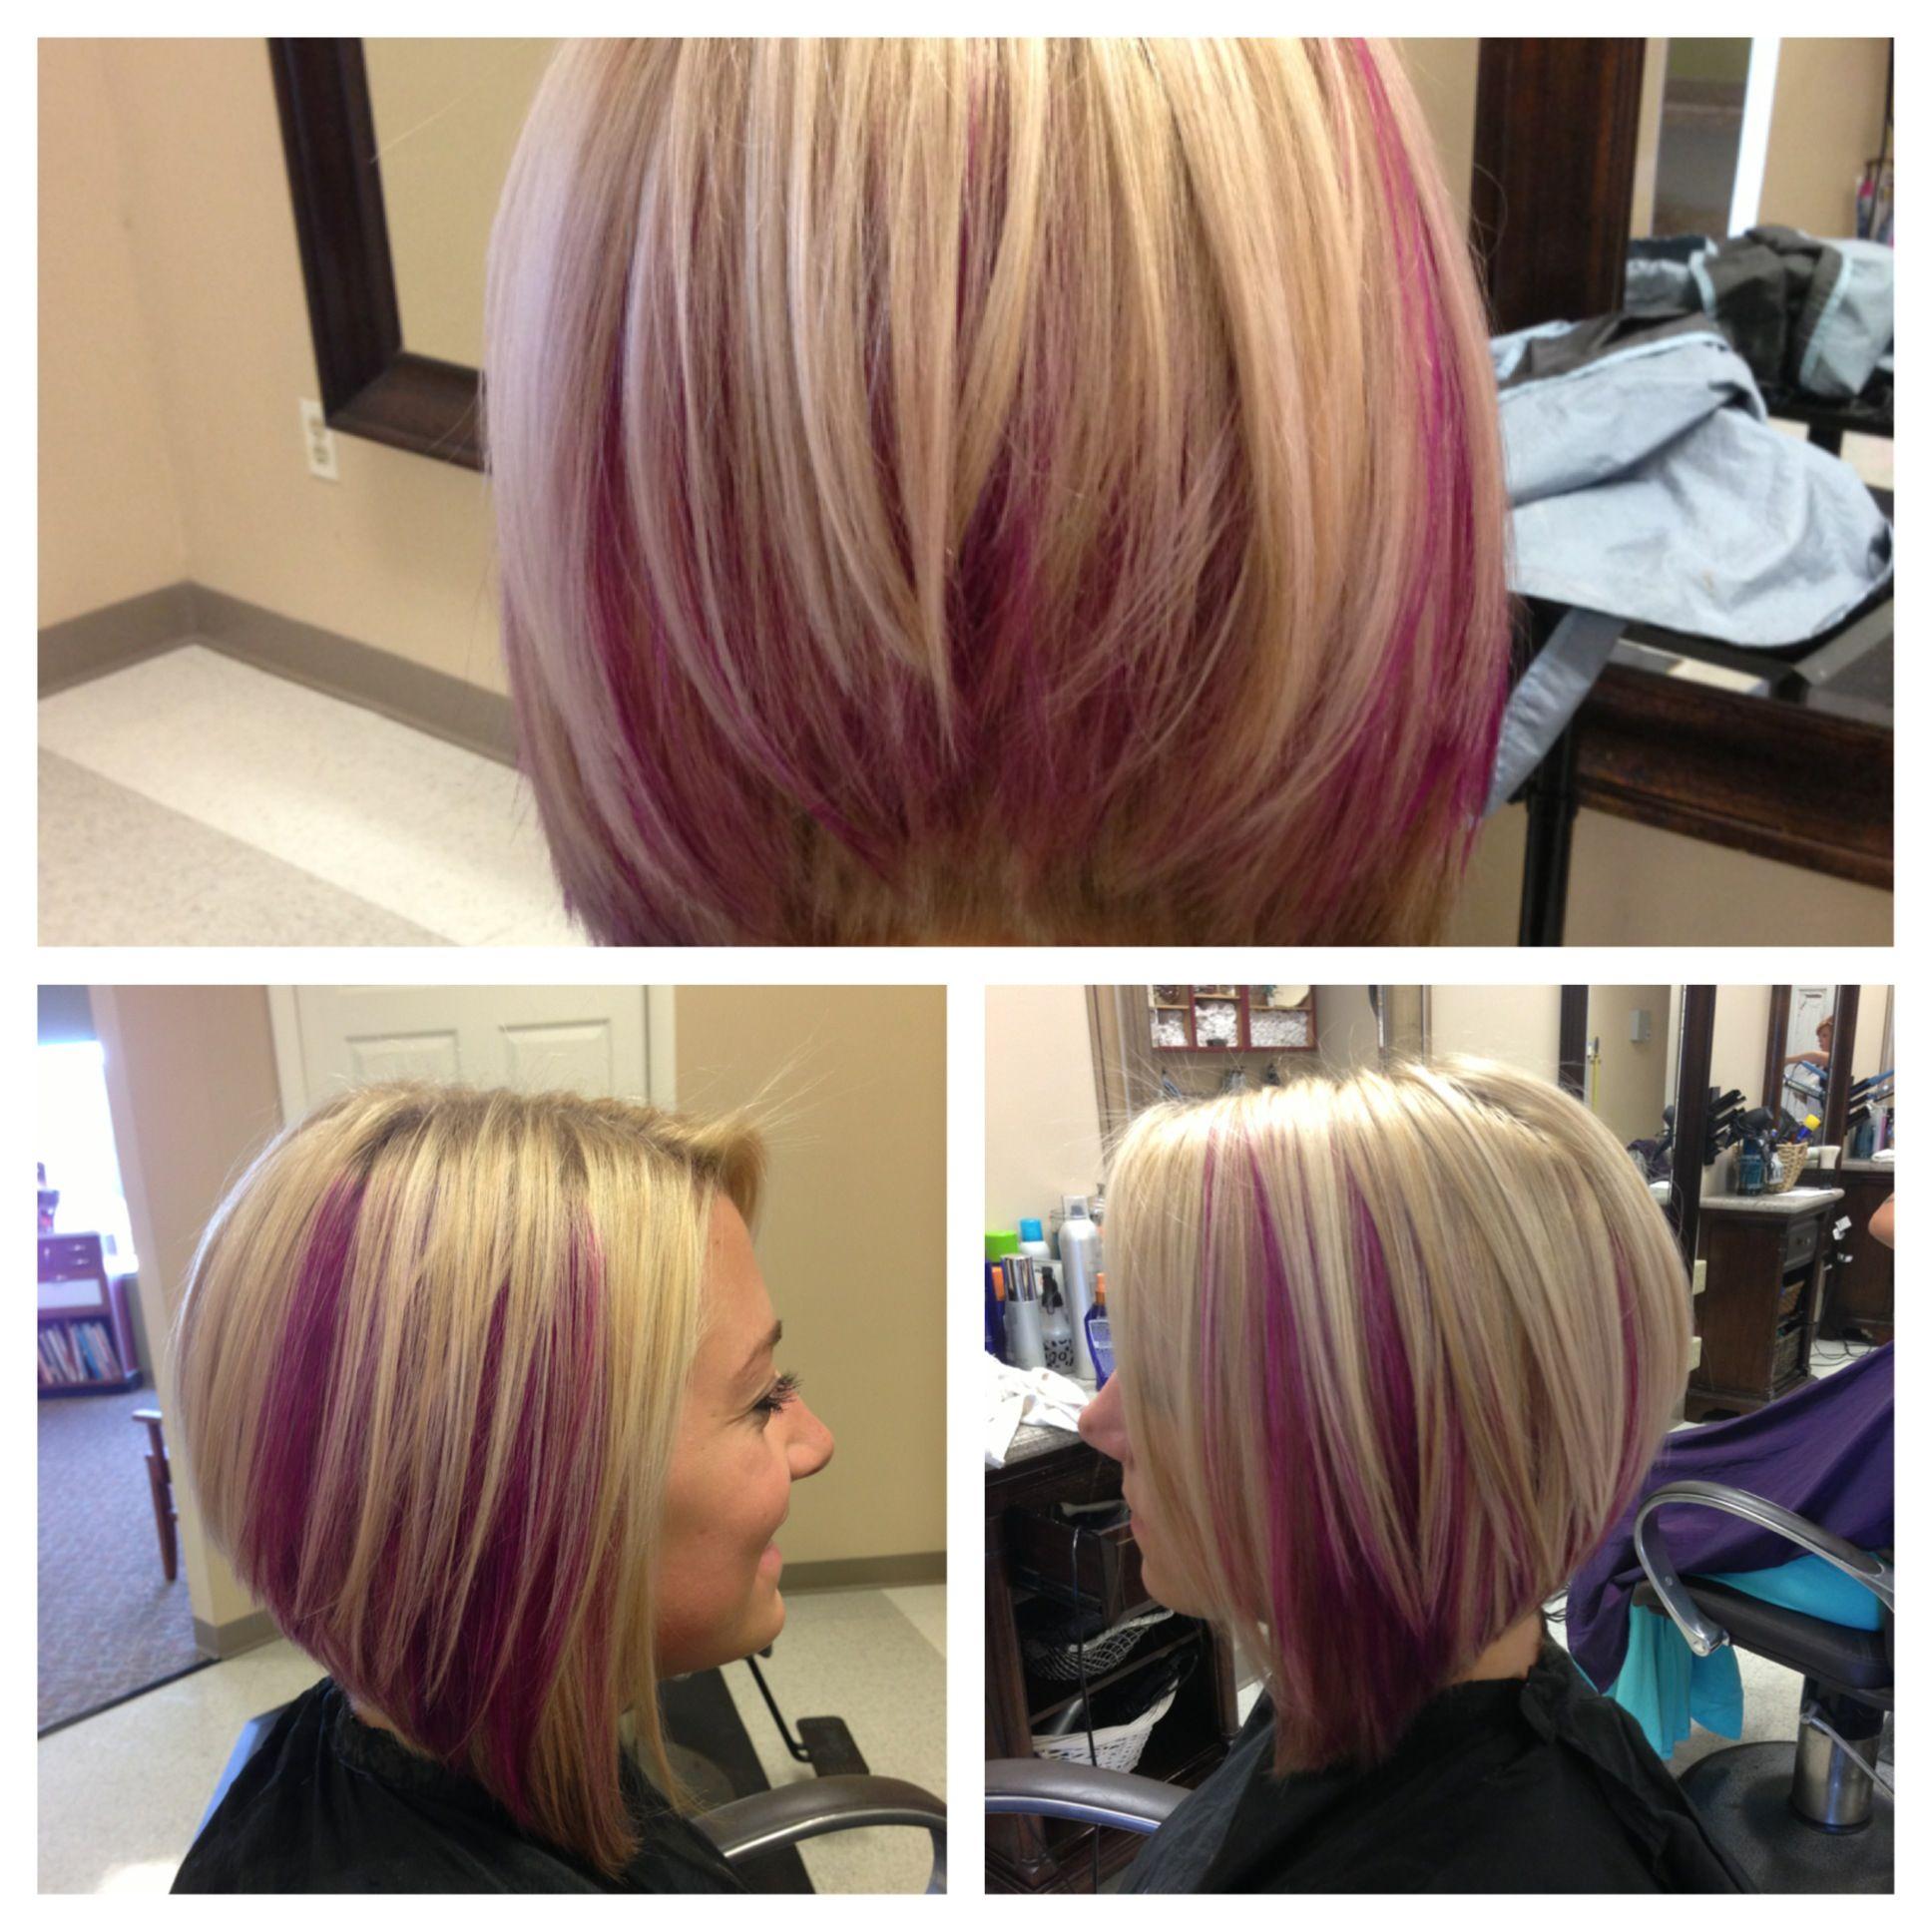 Pin by Rachel Rutledge on beautyyy   Hair styles, Medium bob ...